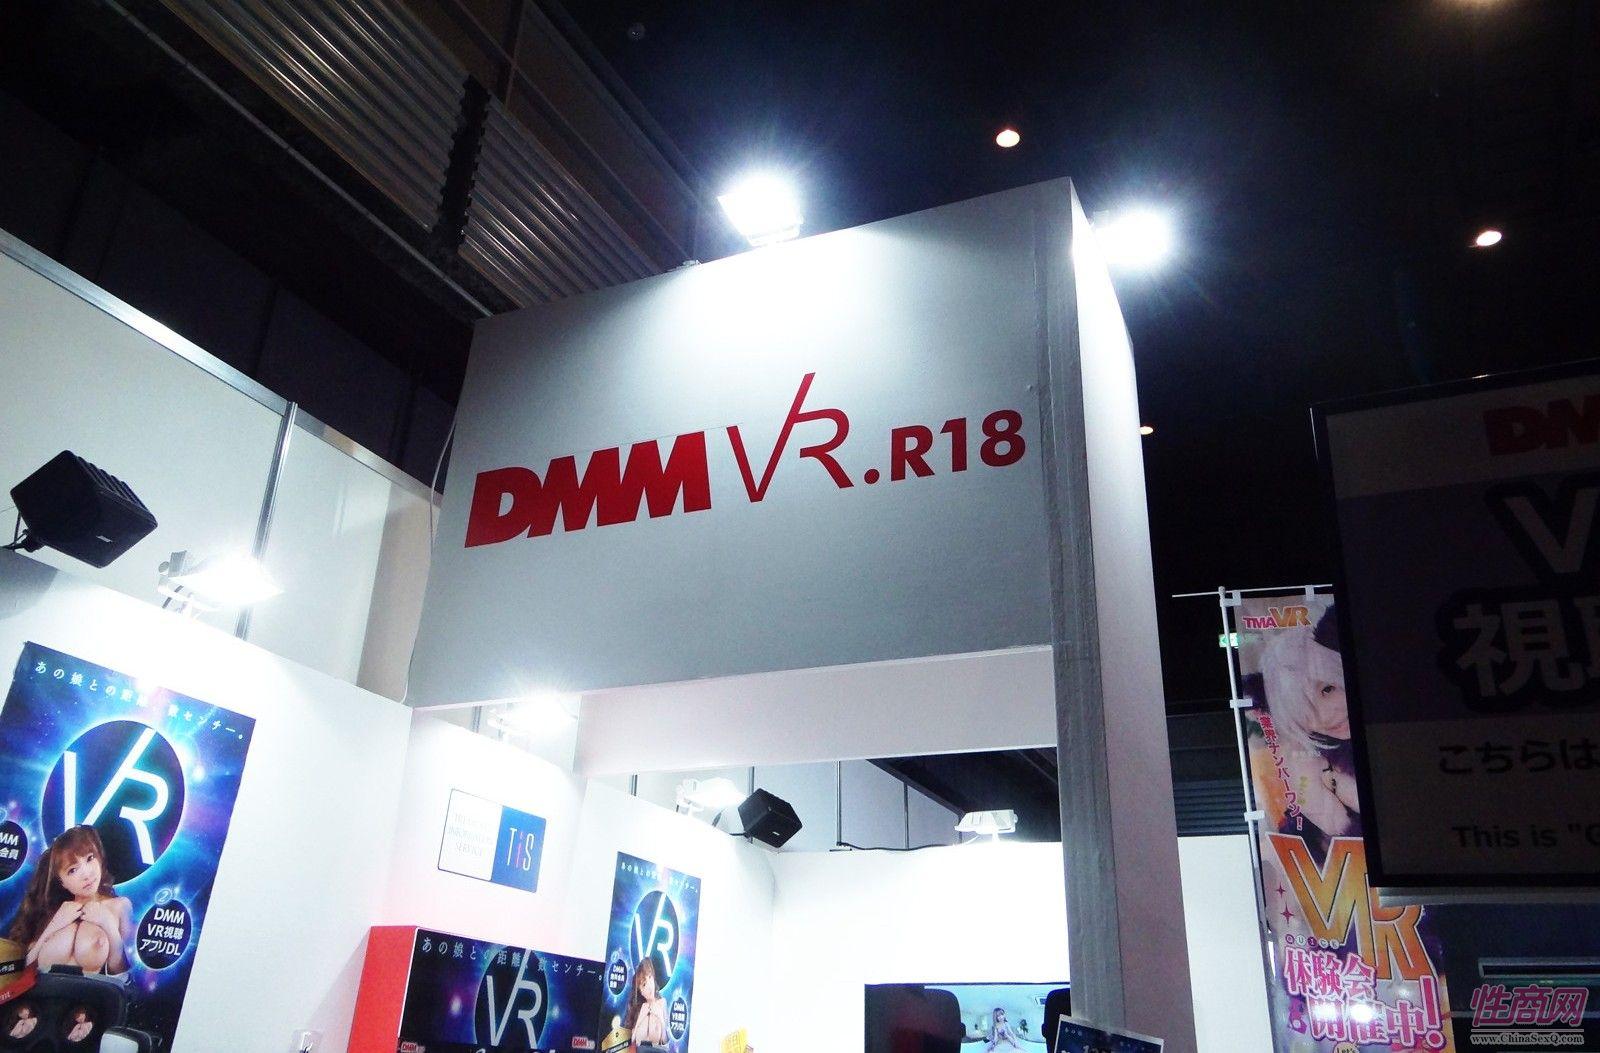 DMMVR展台